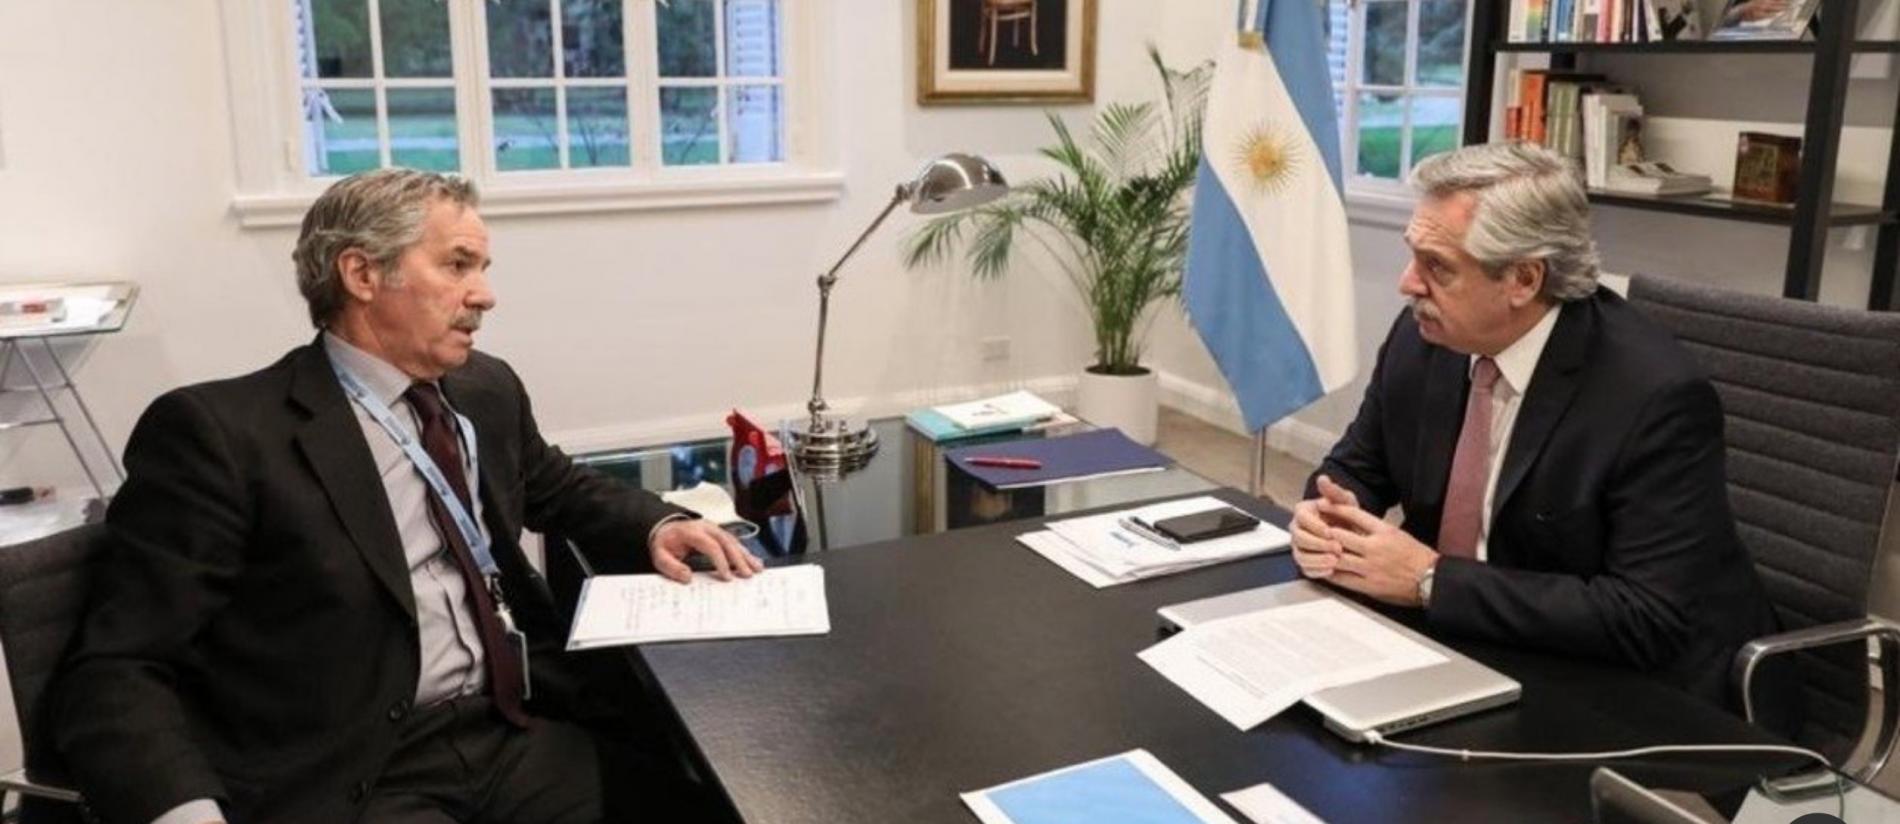 CLARÍN – Solá defendió al Mercosur pero afirma que las negociaciones con otros países deben avanzar con prudencia